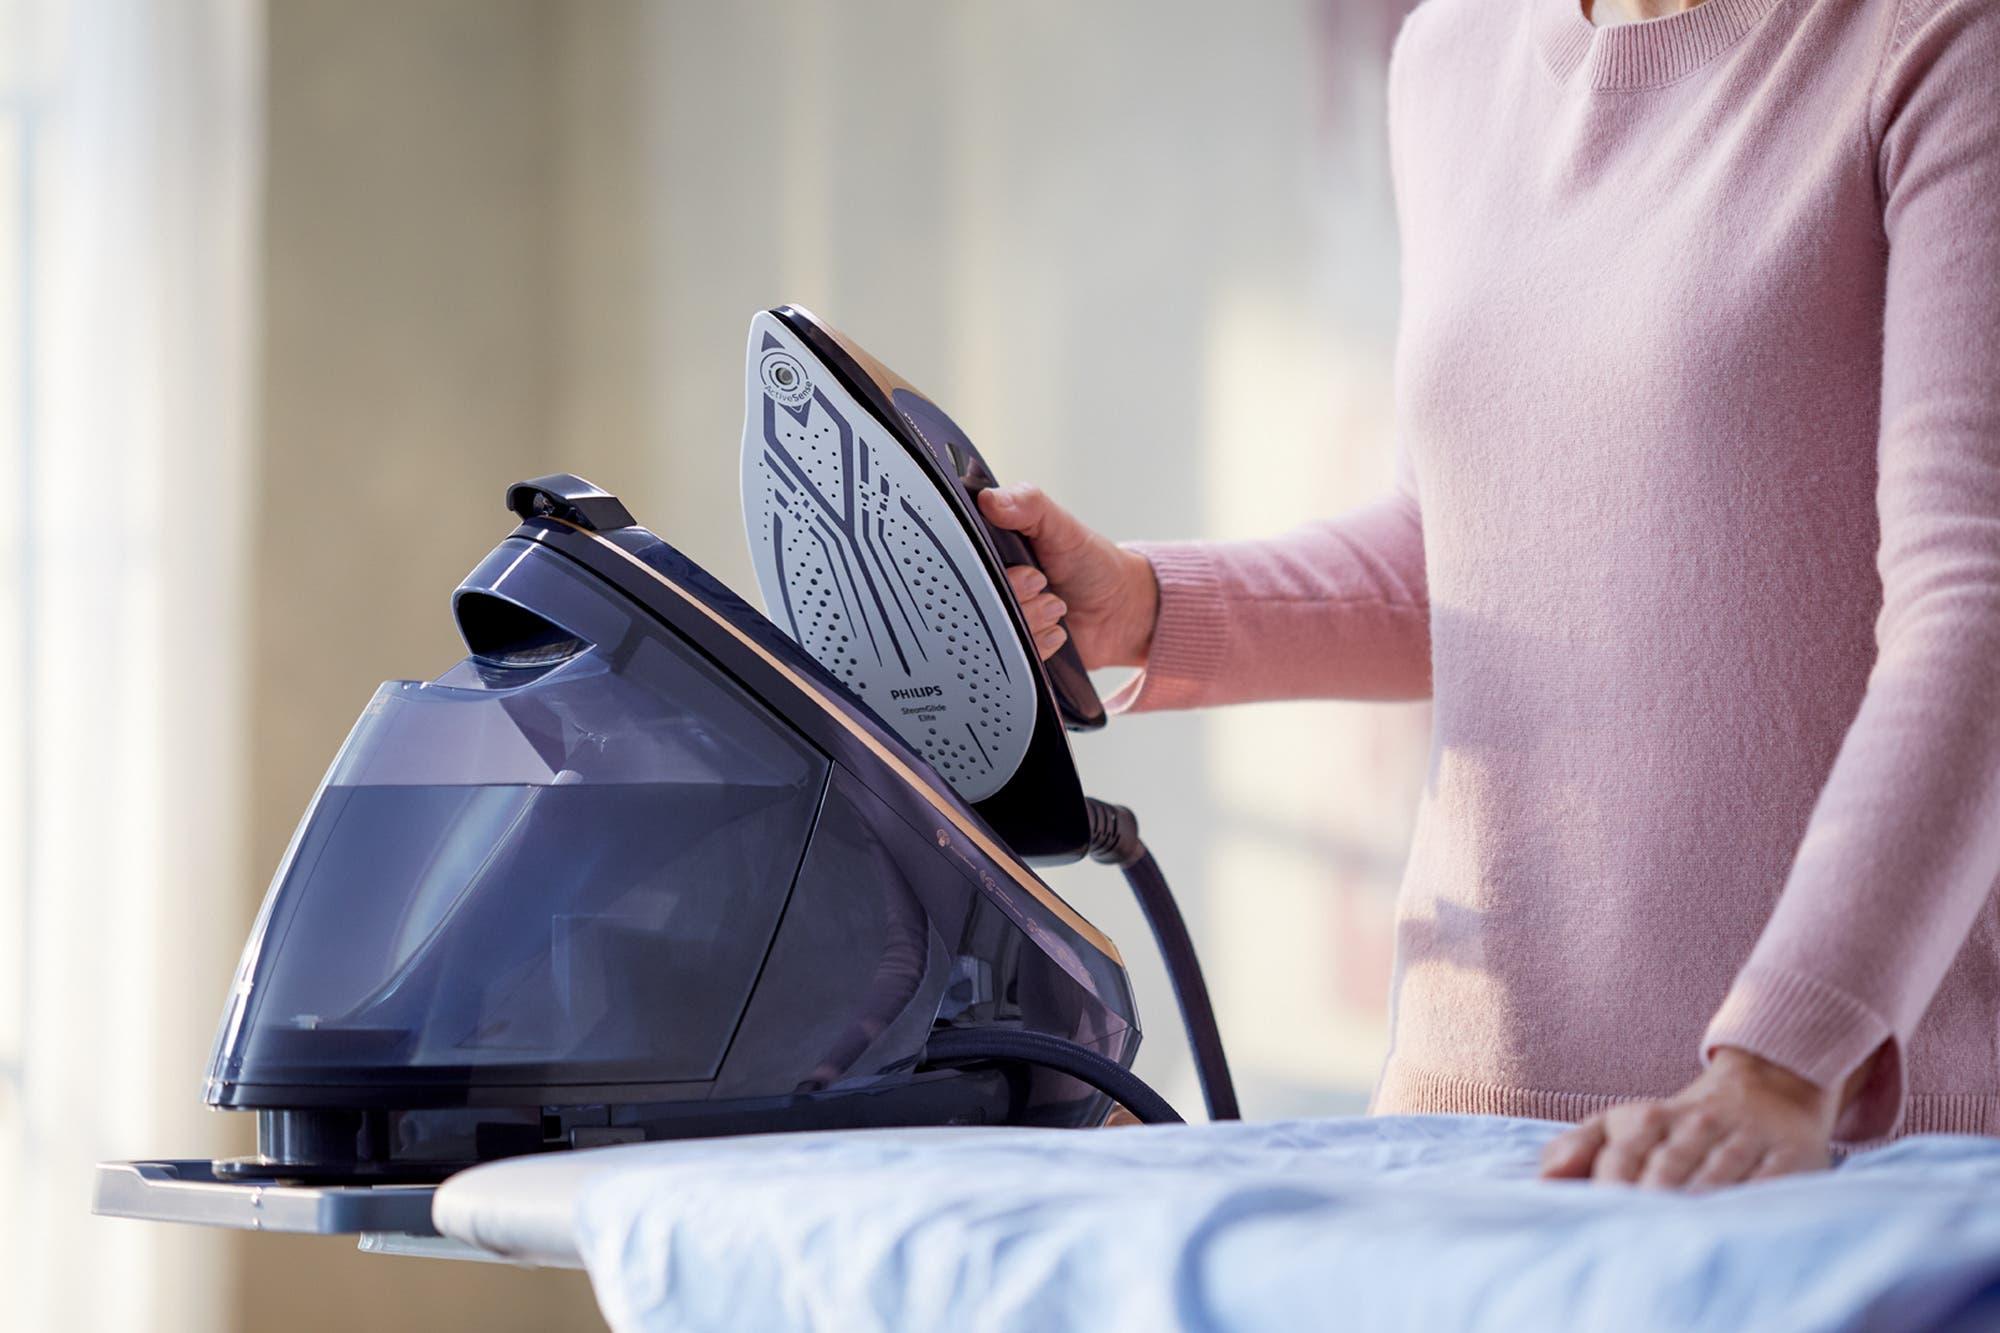 Planchado inteligente: Philips lanza una plancha con cámara que detecta el tipo de tela de una prenda para ajustar su temperatura